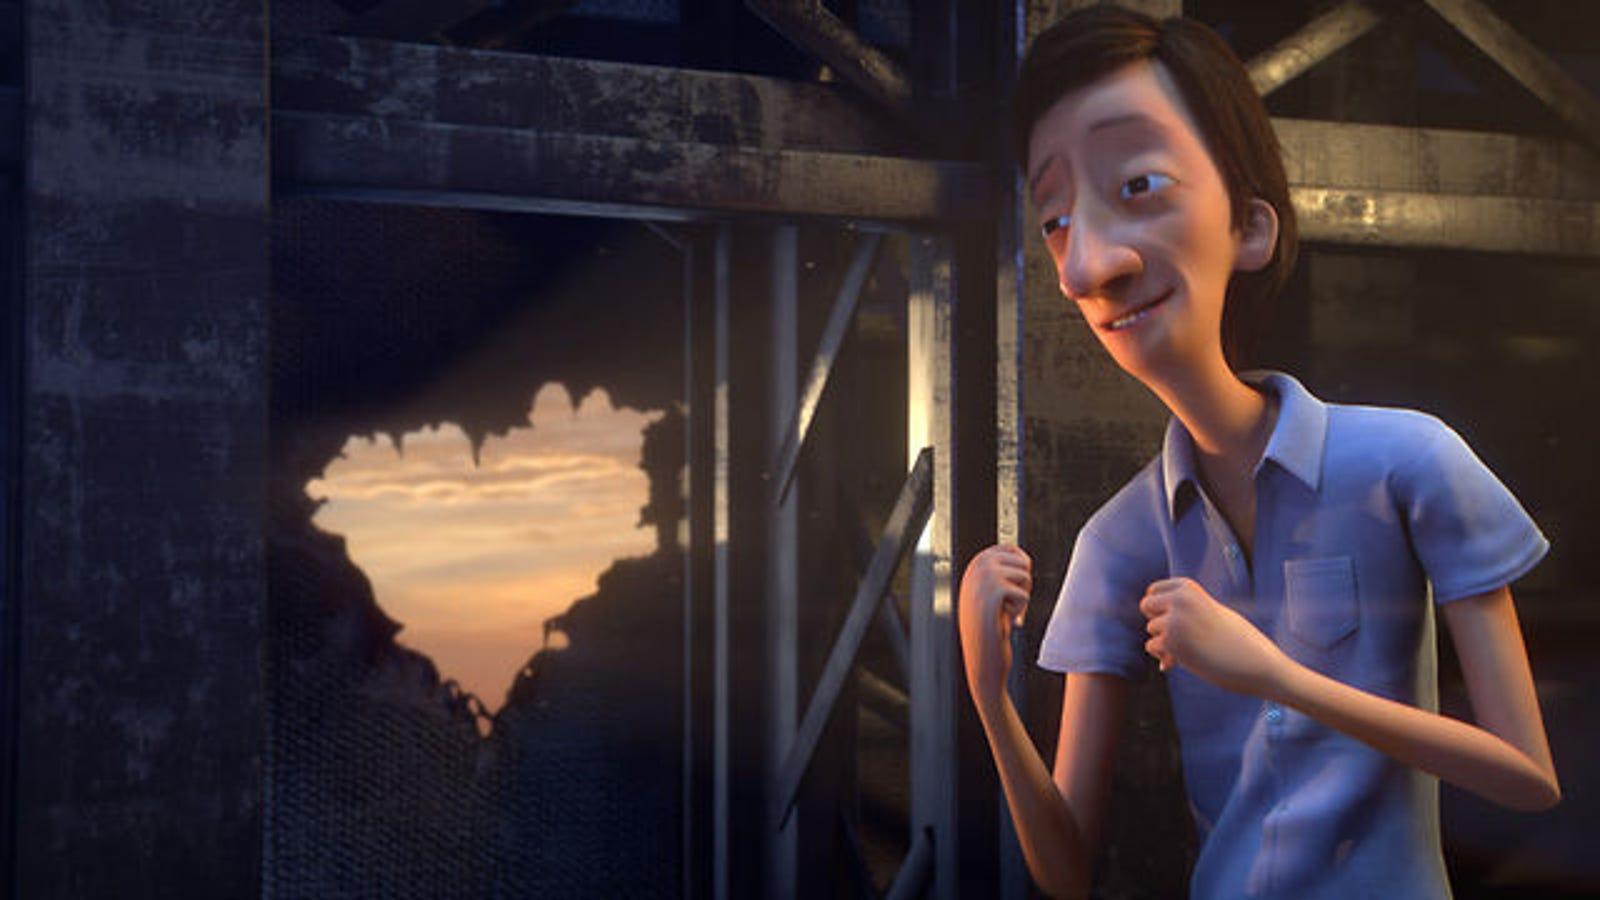 Este corto de animación sobre el amor es digno de Pixar